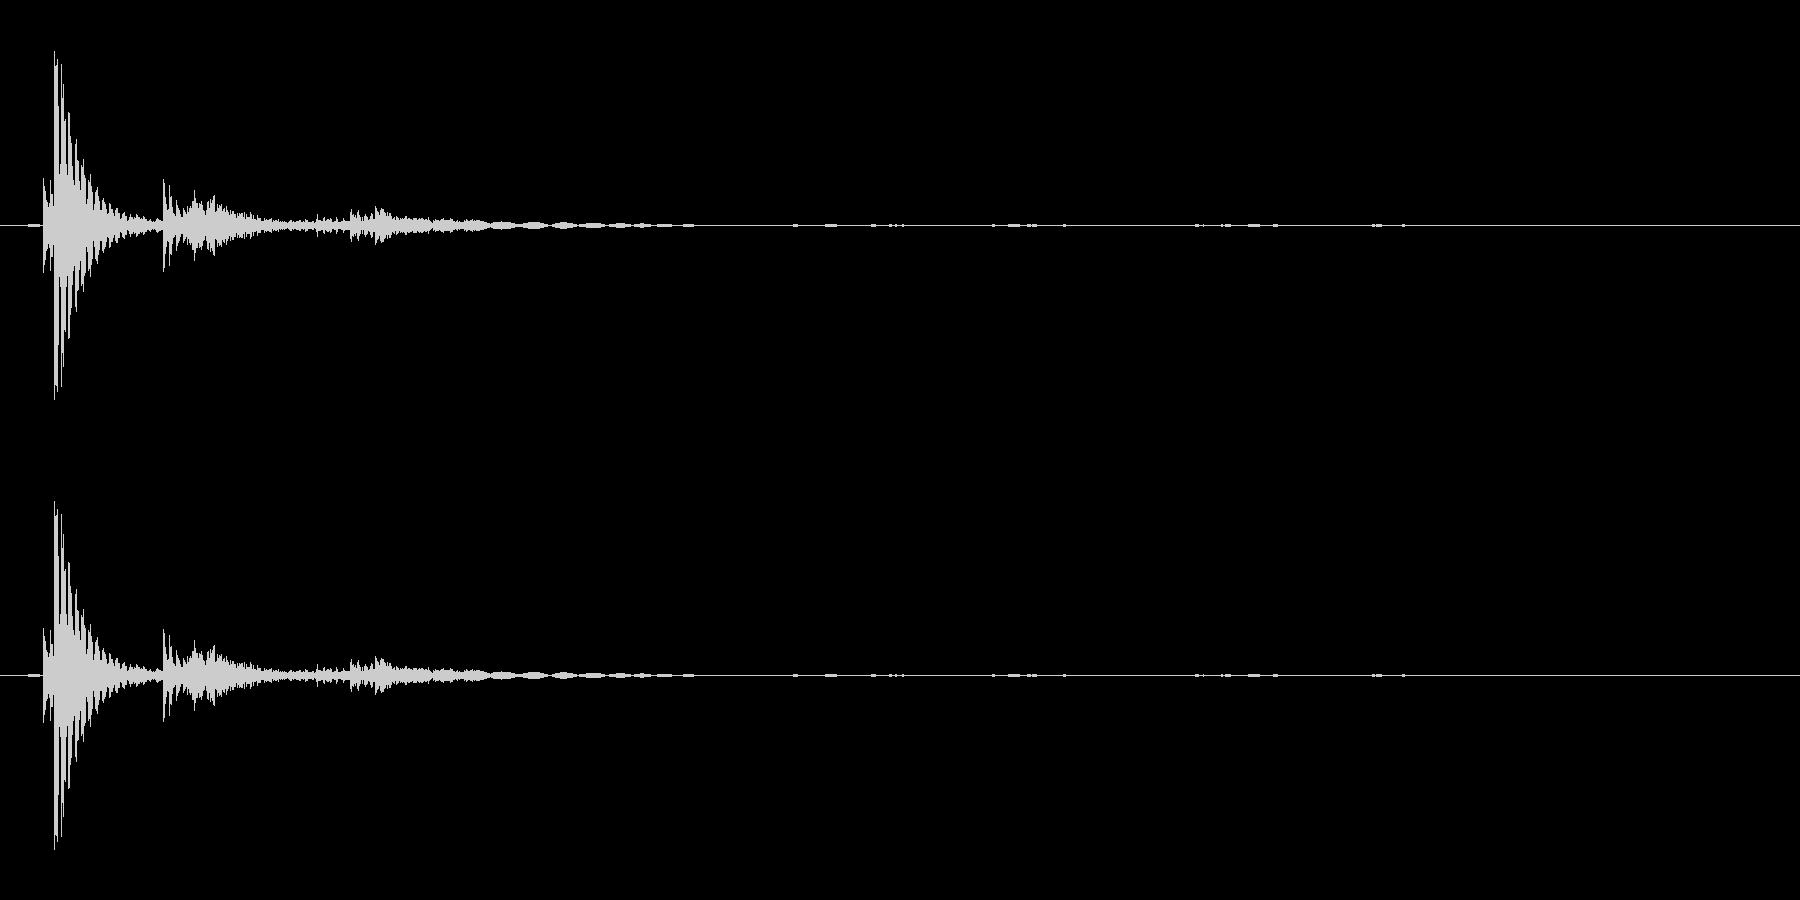 ロボットのしゃべり声(低音Ver.)の未再生の波形